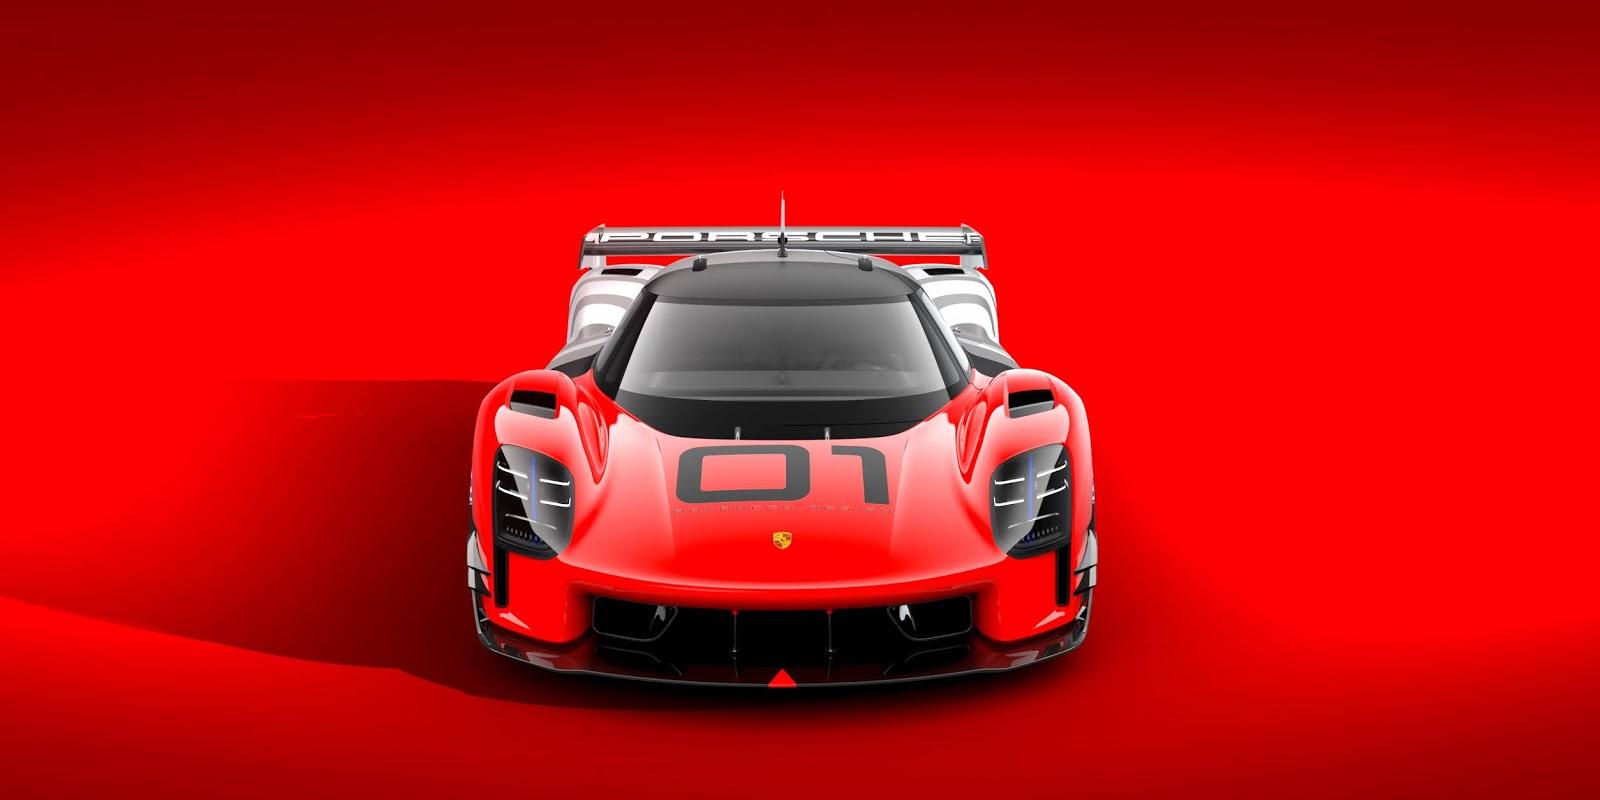 01 Τα άγνωστα Hypercars της Porsche hypercar, Porsche, Porsche Unseen, Sunday, supercar, supercars, zblog, ειδήσεις